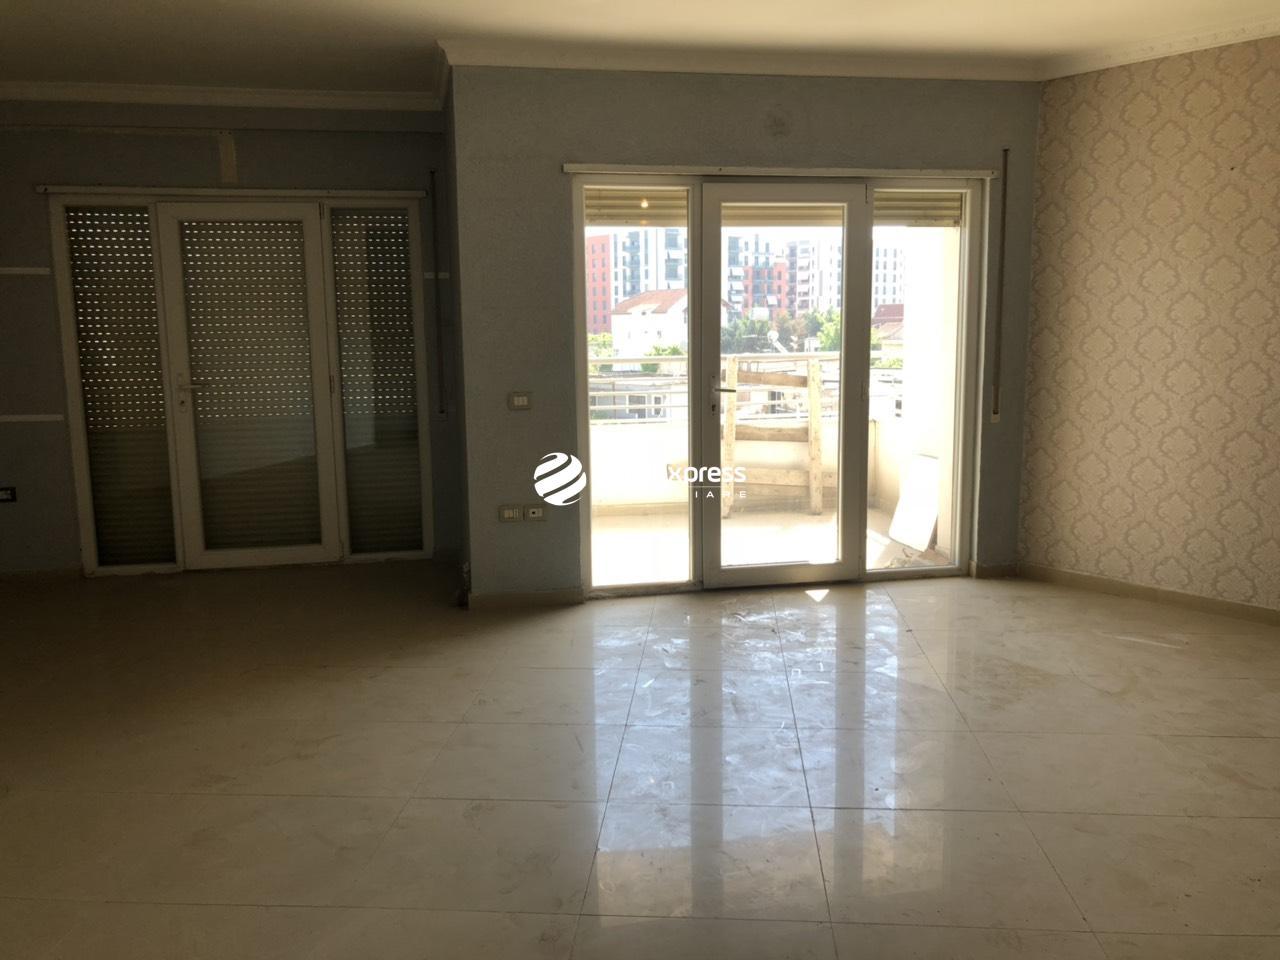 TRR-0419-1404 Jepet me qera apartament 3+1 ndodhet ne unazen e Re , mbi bar OSLO buze rruge